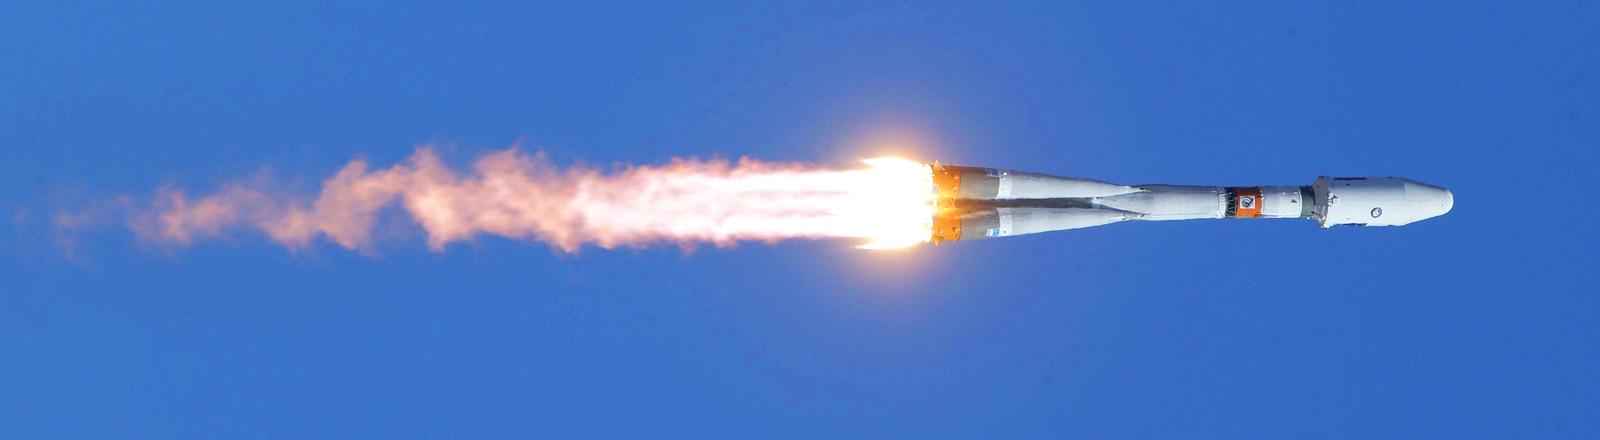 Die erste Rakete des neuen russischen Weltraumbahnhofs Wostotschny im Flug.